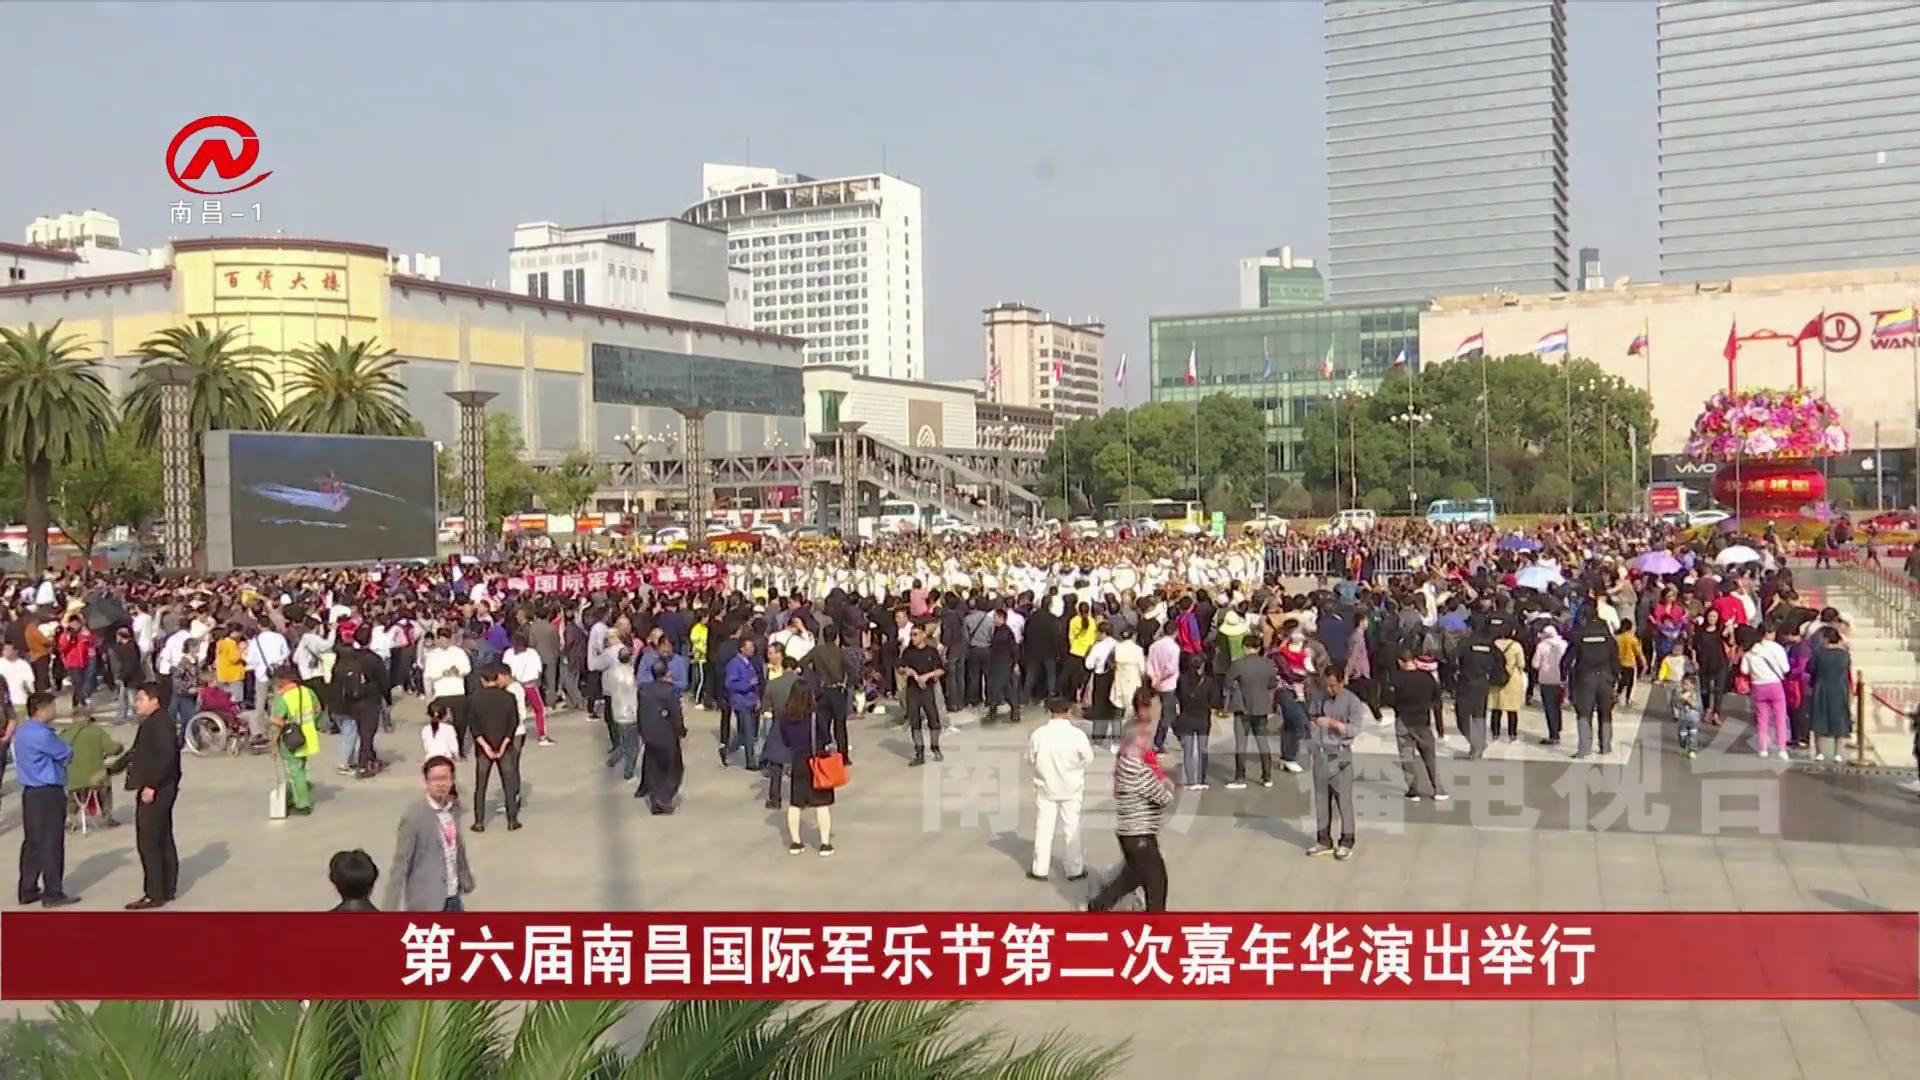 第六届南昌国际军乐节第二次嘉年华演出举行